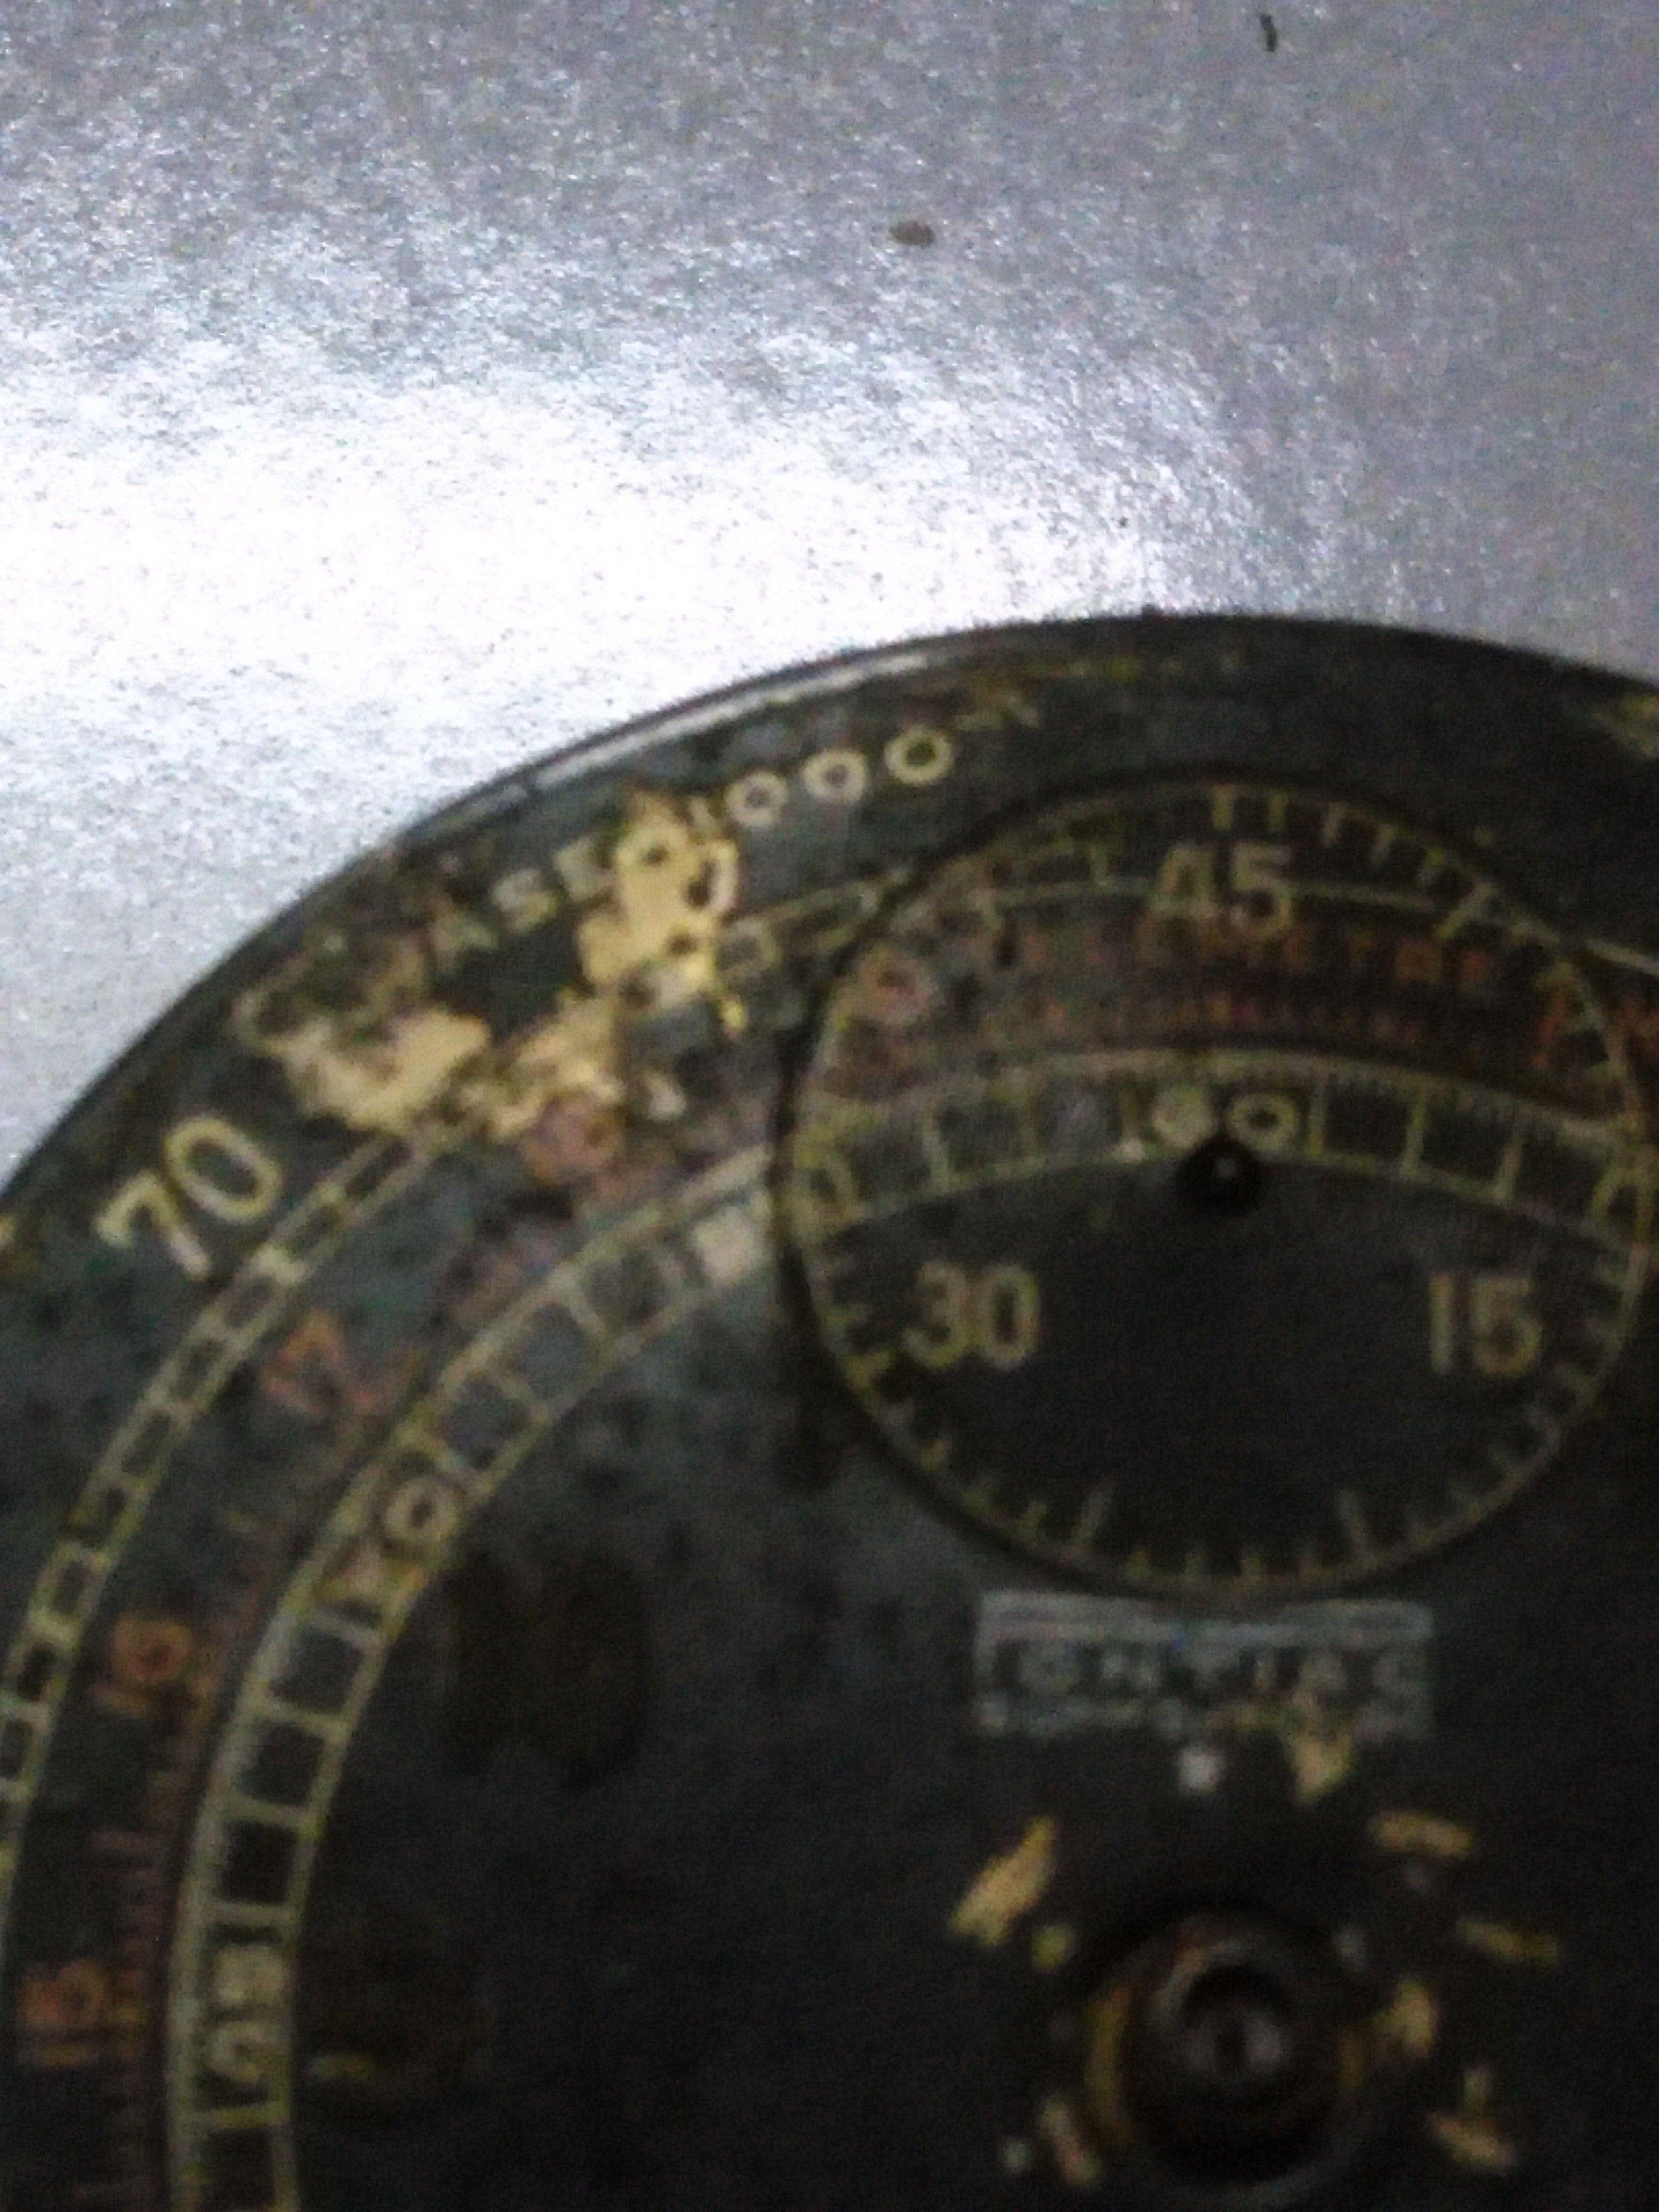 Nieuw en ineens wat vragen rond restauratie vintage horloges